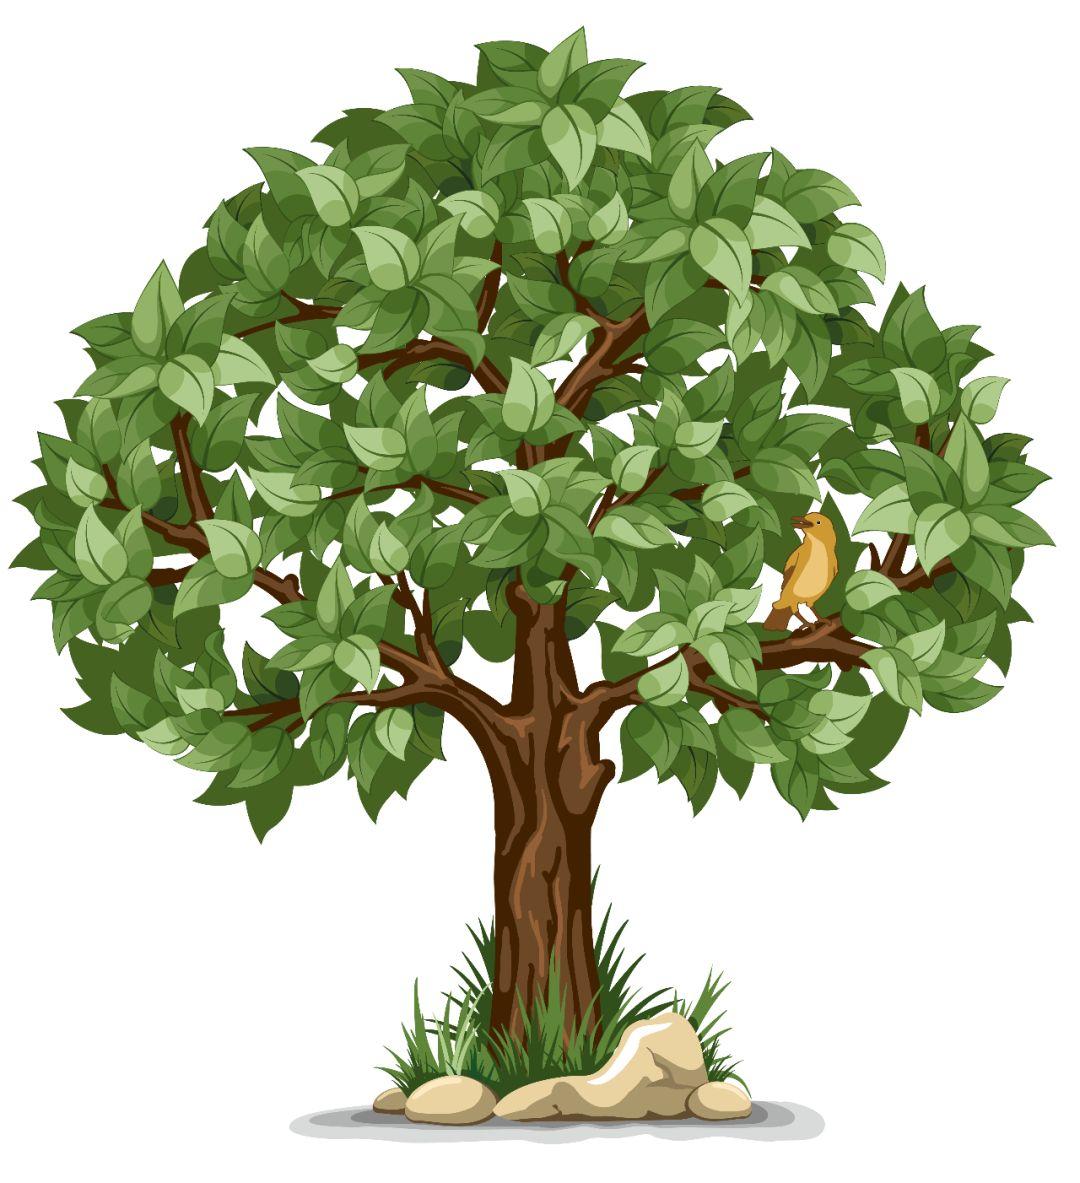 苗木价格变化快,如何抓住机会卖出高价?